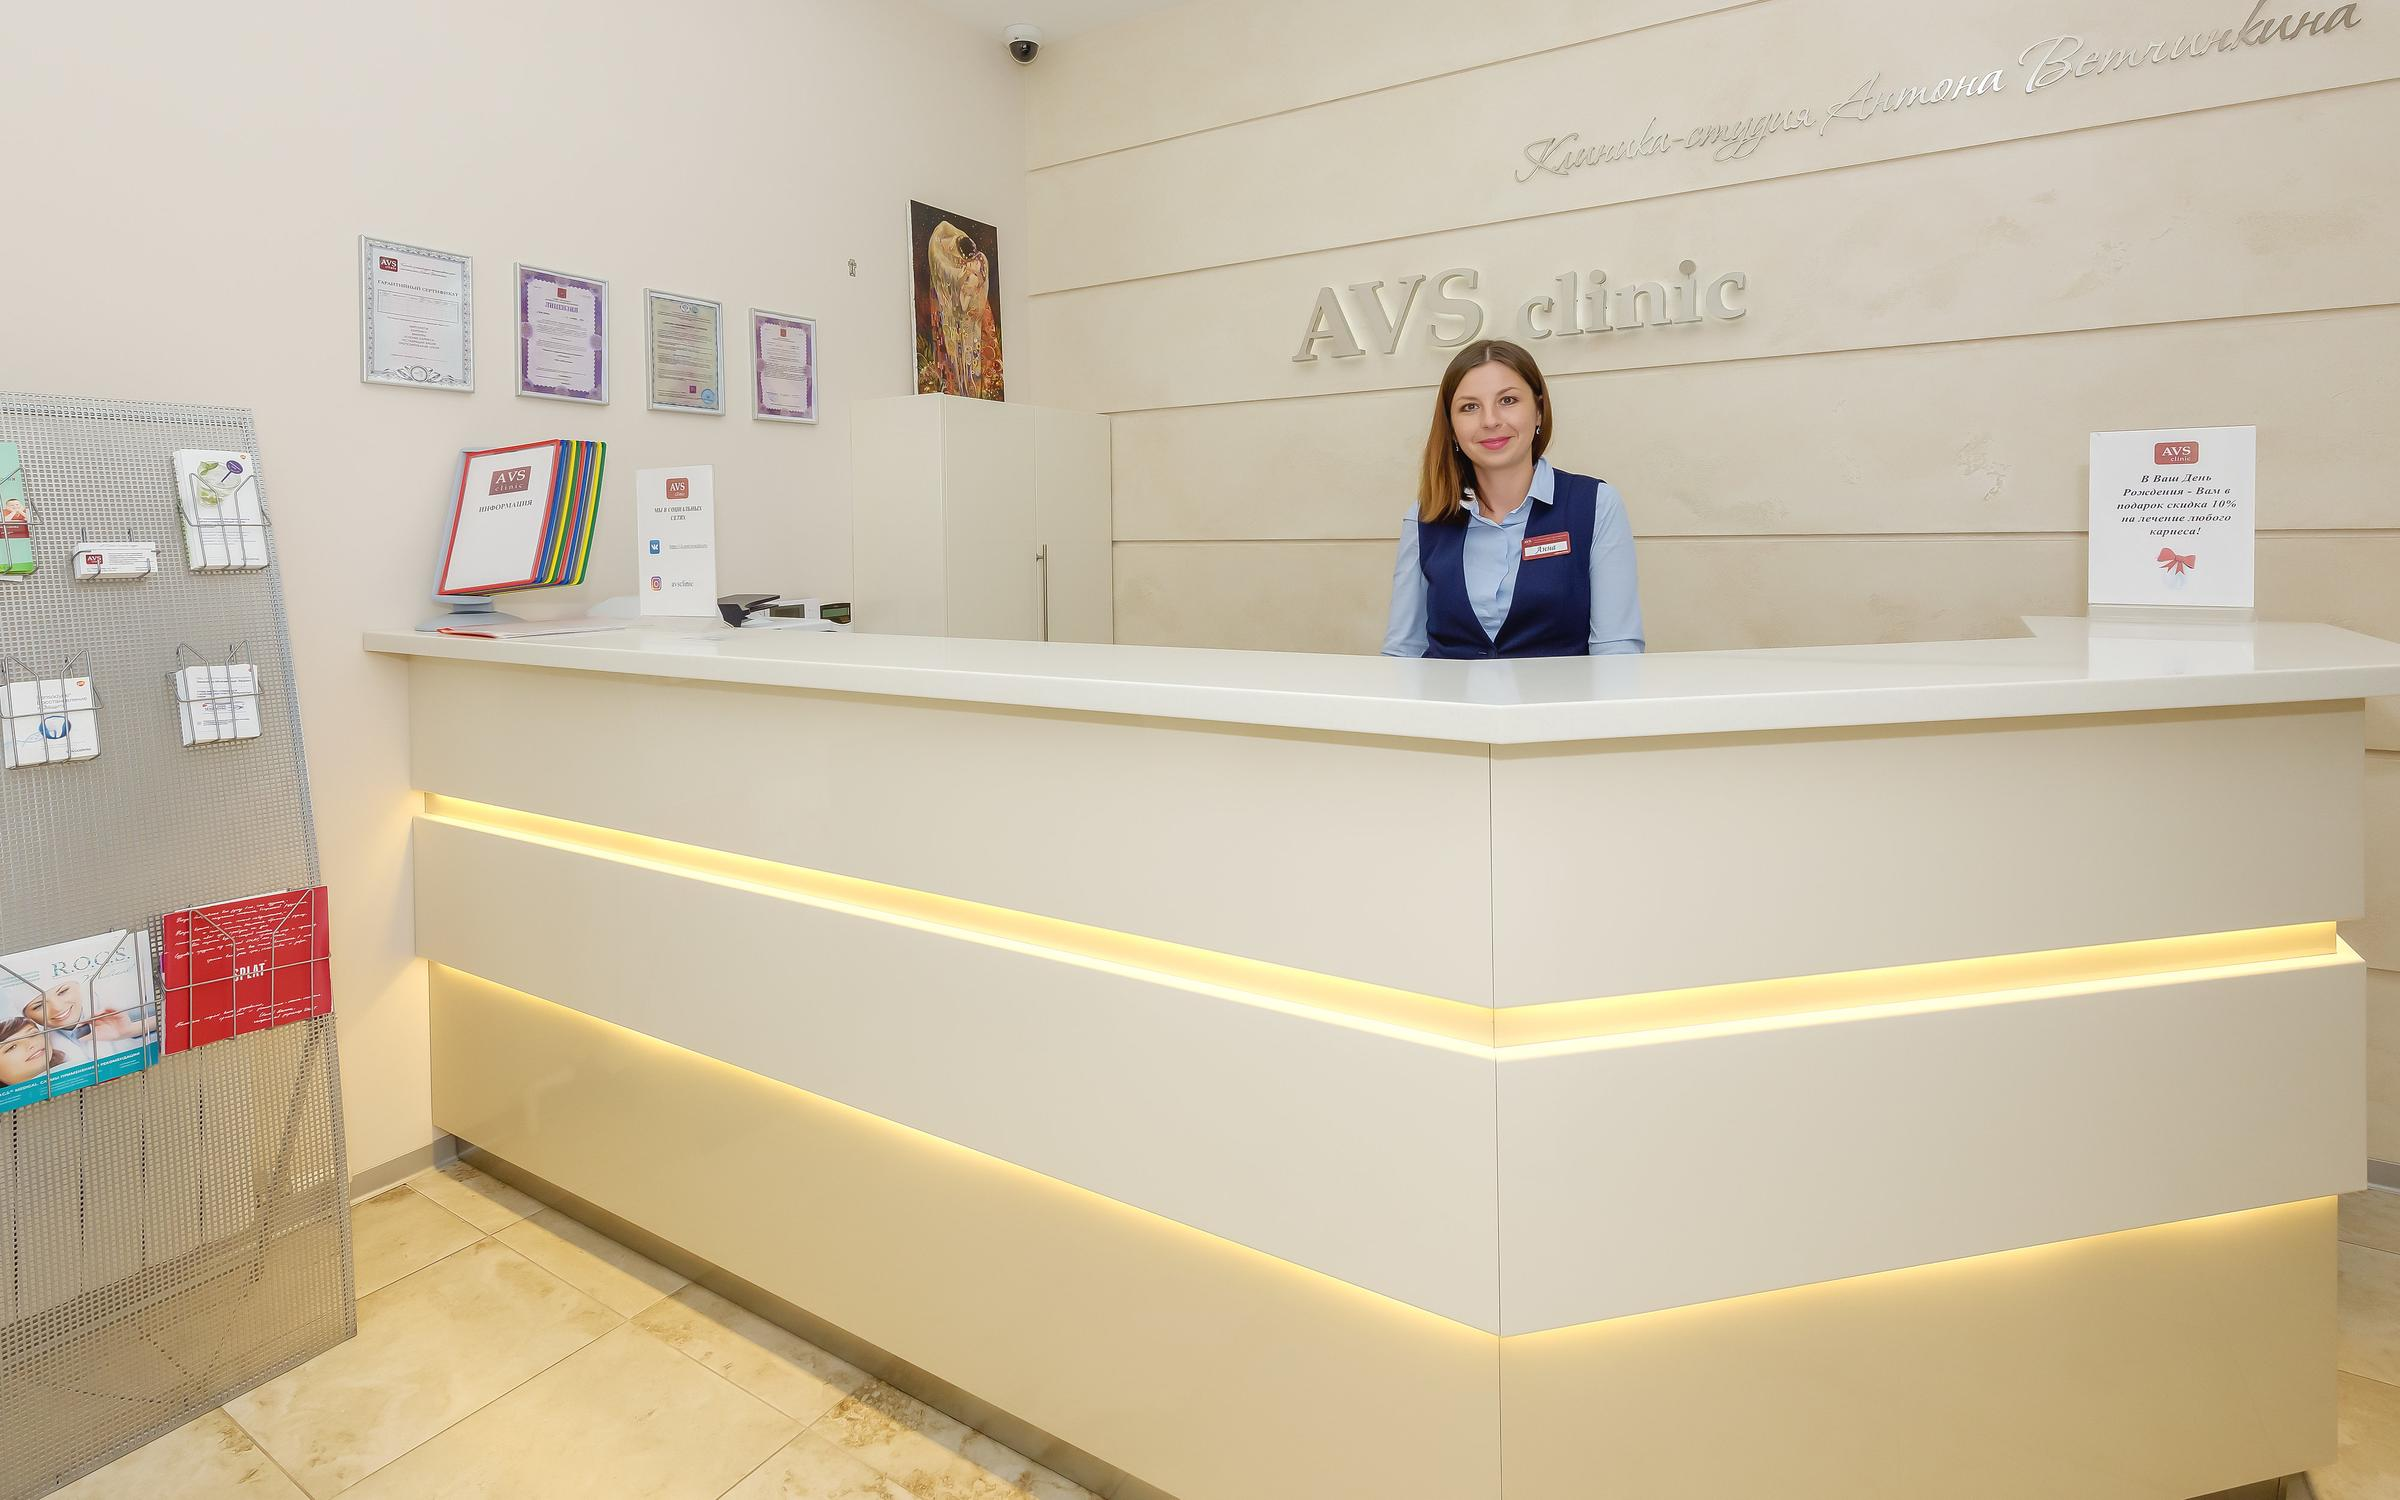 фотография Стоматологии AVS clinic на Пулковской улице